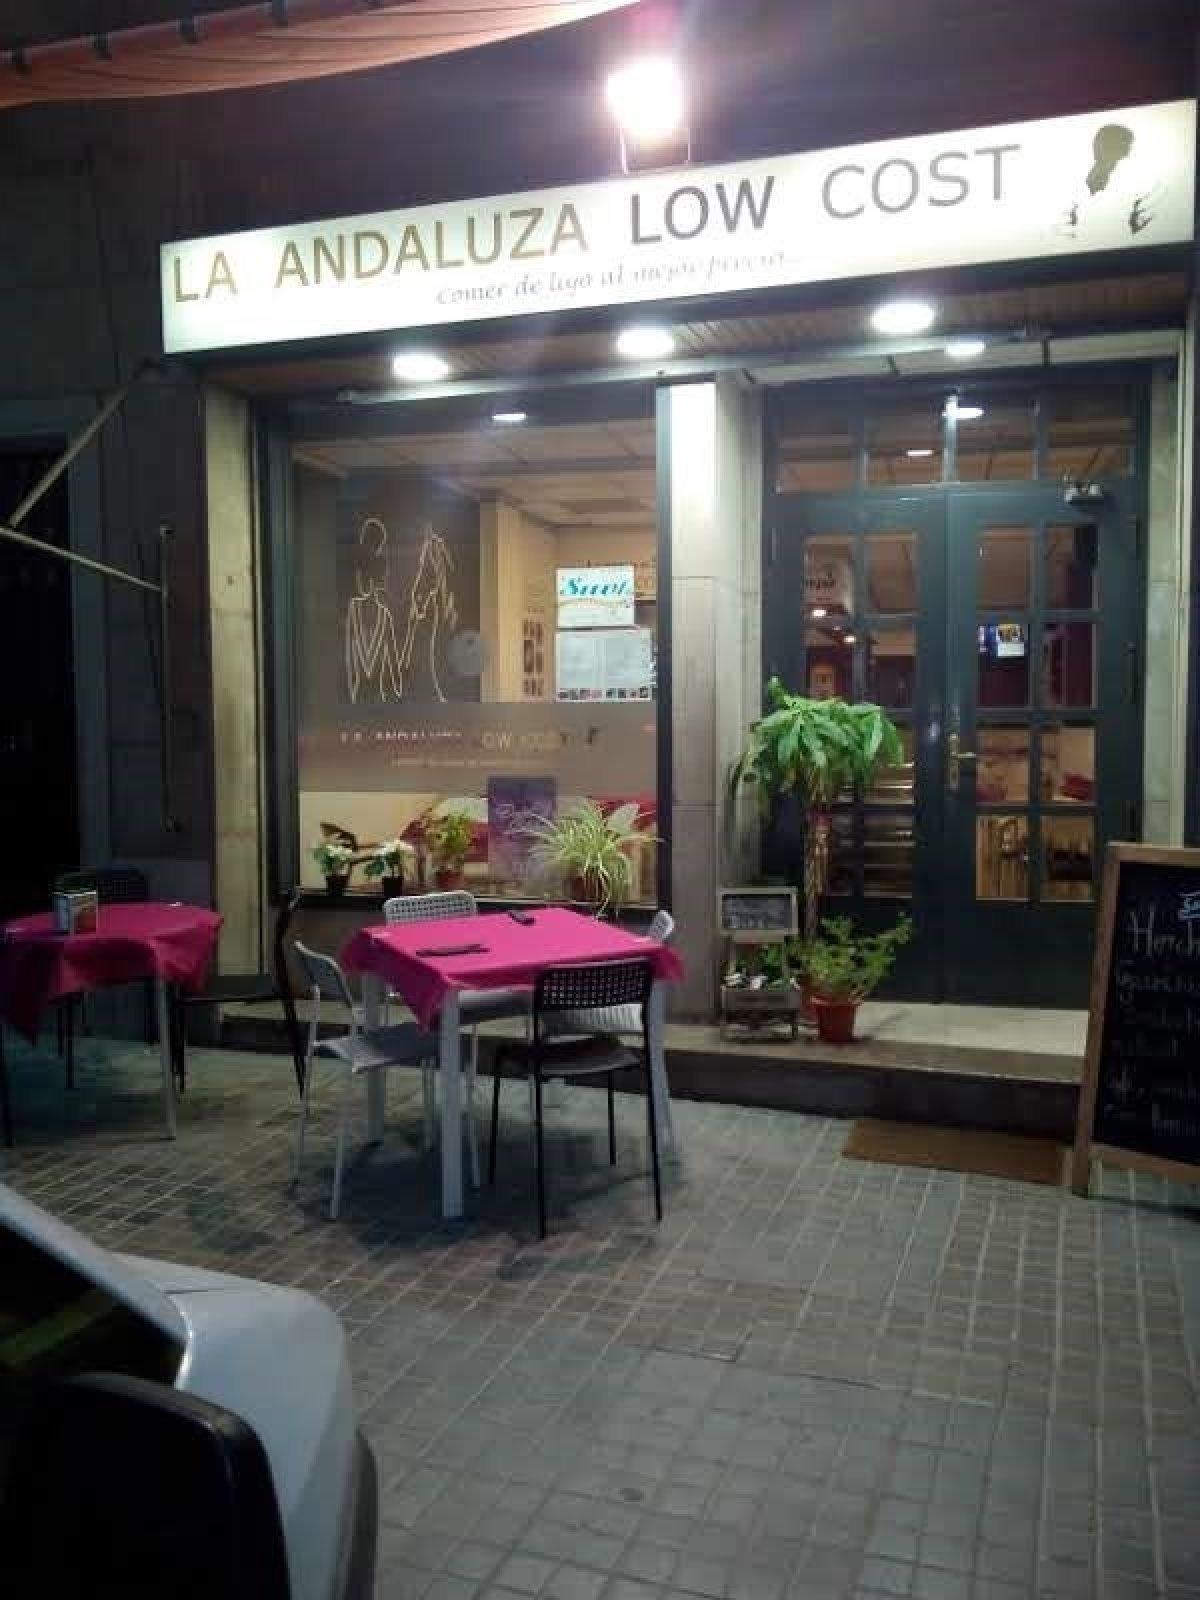 Traspàs Local Comercial  Burriana ,el pla. Traspaso de restaurante en Burriana.